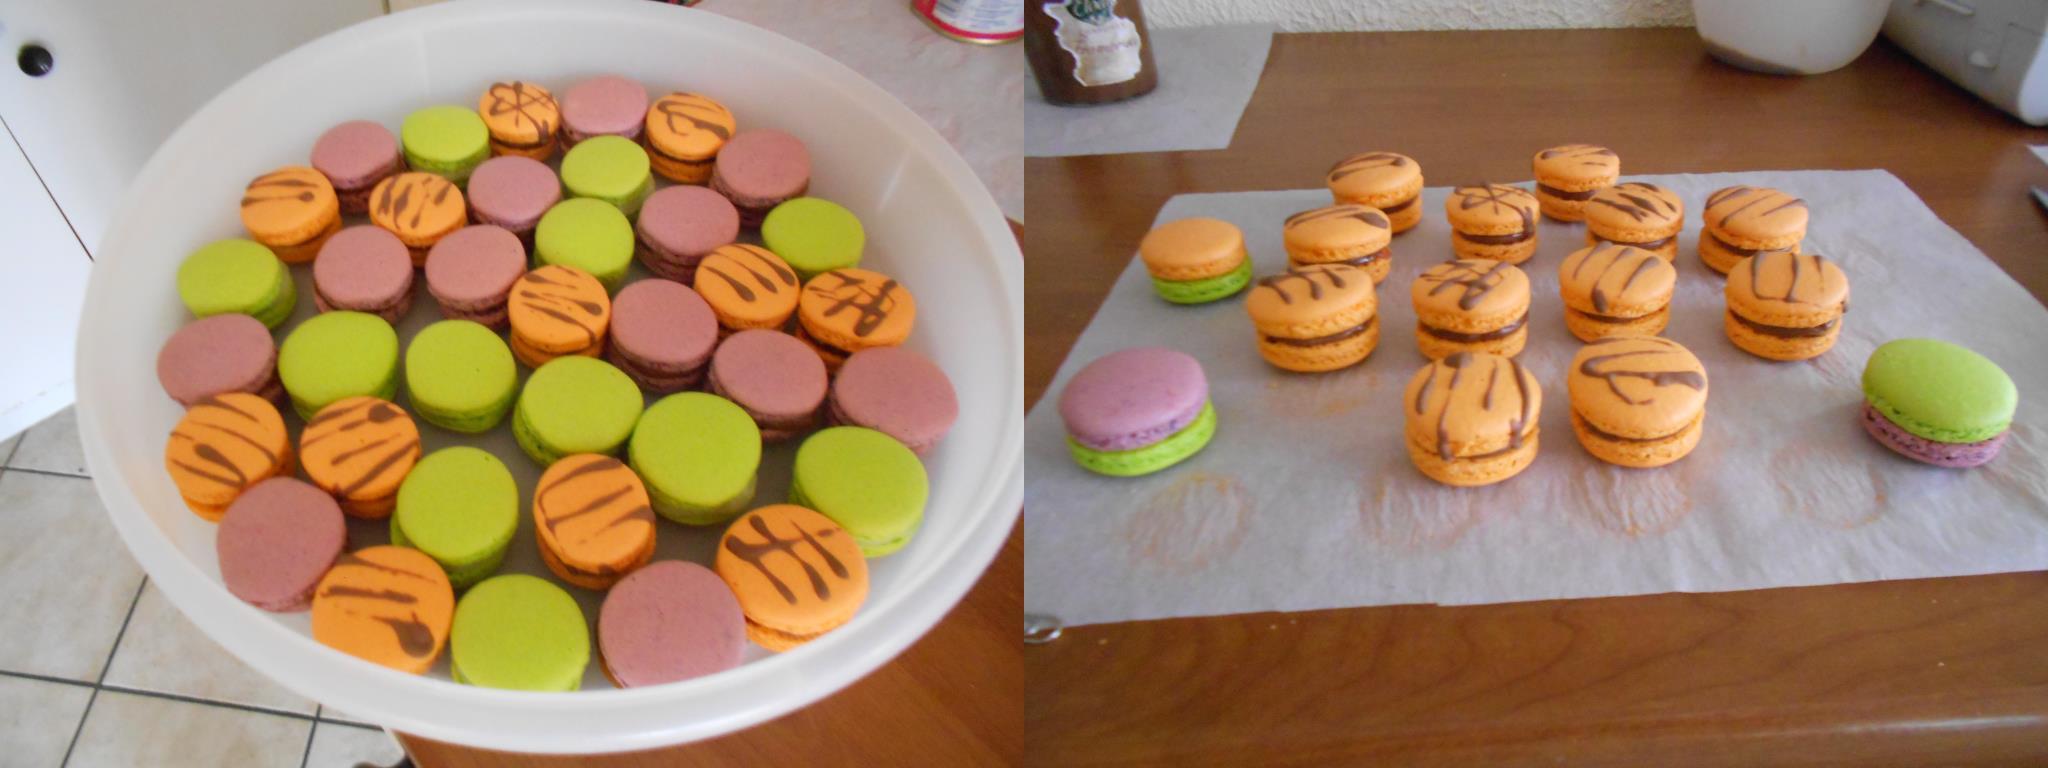 et si vous souhaitez plus dinformations sur la recette nous demanderons sandrine de nous rvler ses secrets - Colorant Macaron